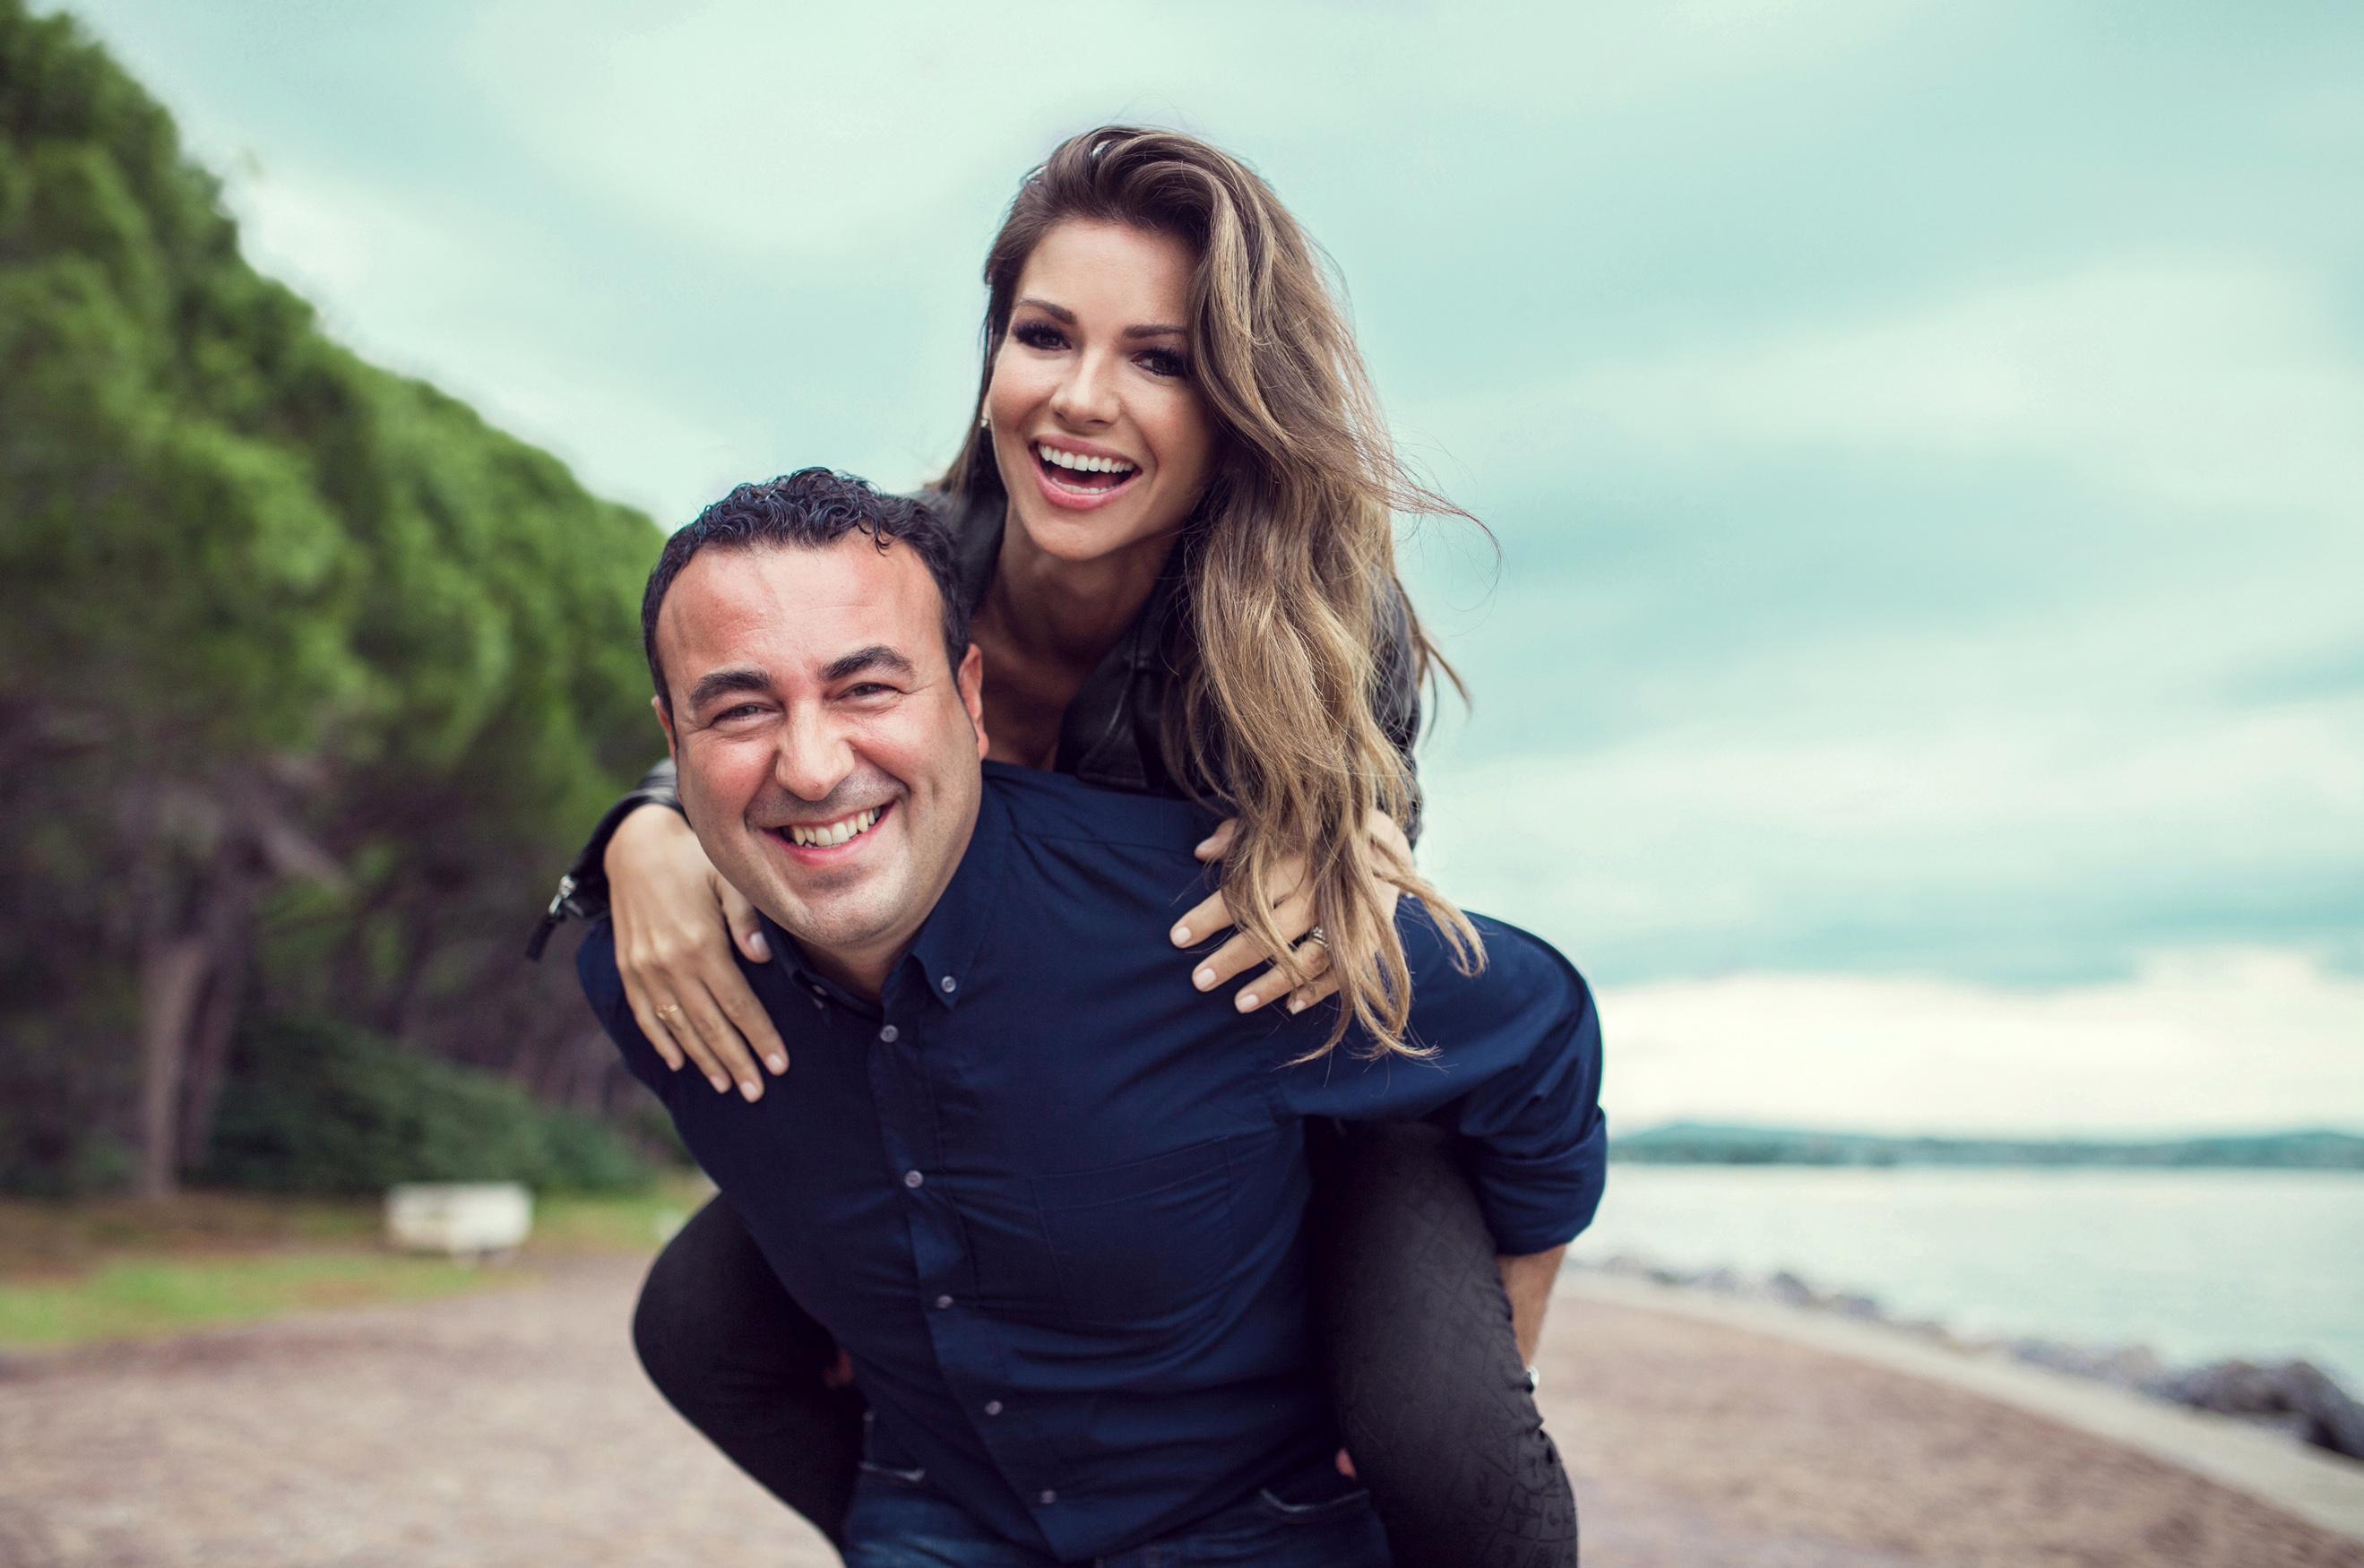 Alessia Ventura e Cataldo Calabretta 2 - - credit Andreea Caffrey